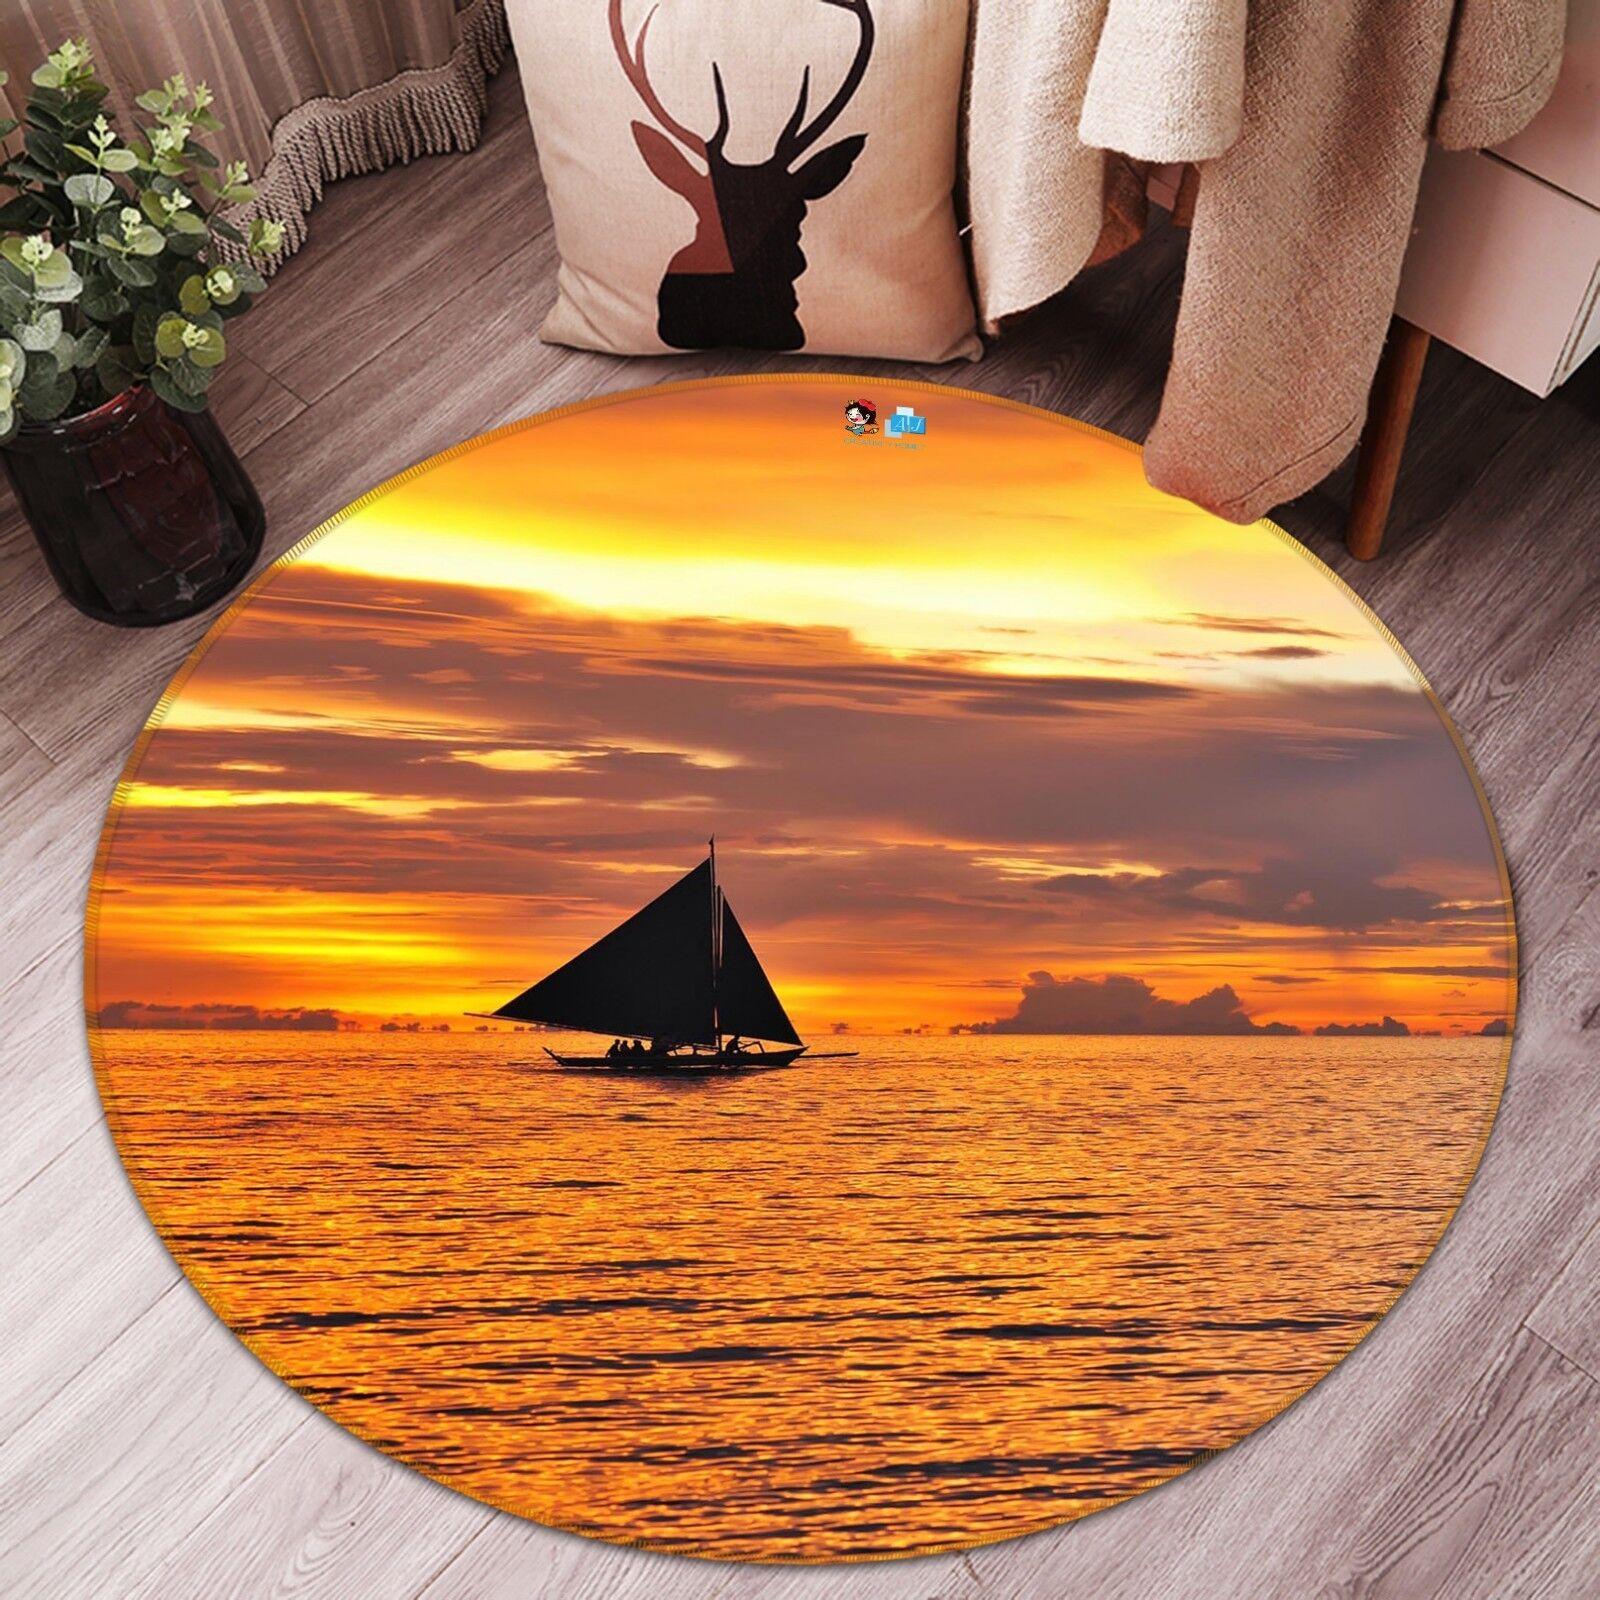 3d mar crepúsculo 52 antideslizante alfombra de maletero rondas elegante alfombra